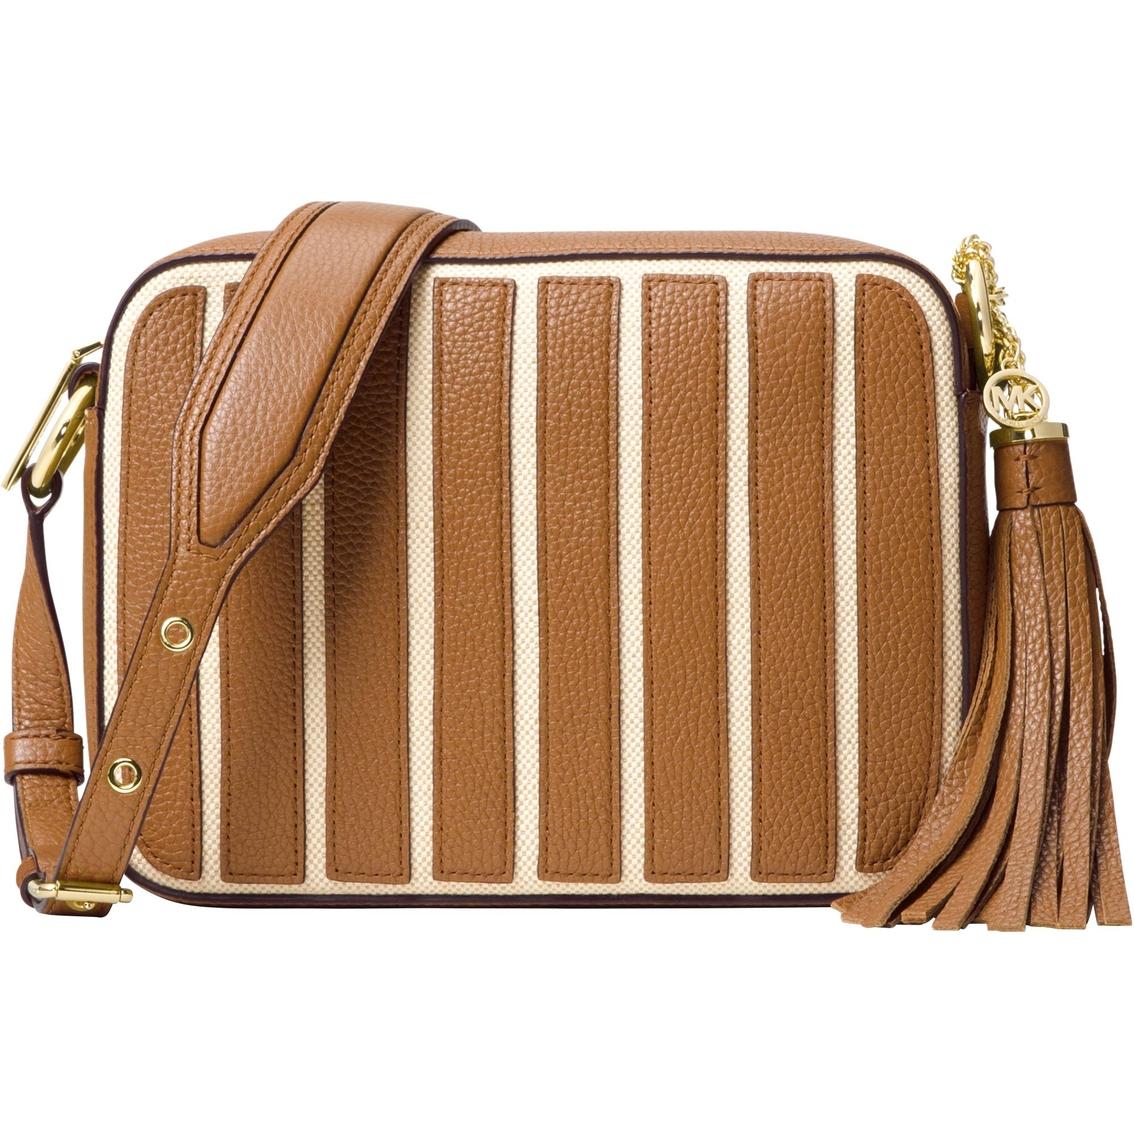 fbed09ec59 Michael Kors Brooklyn Applique Stripe Large Canvas Camera Bag ...